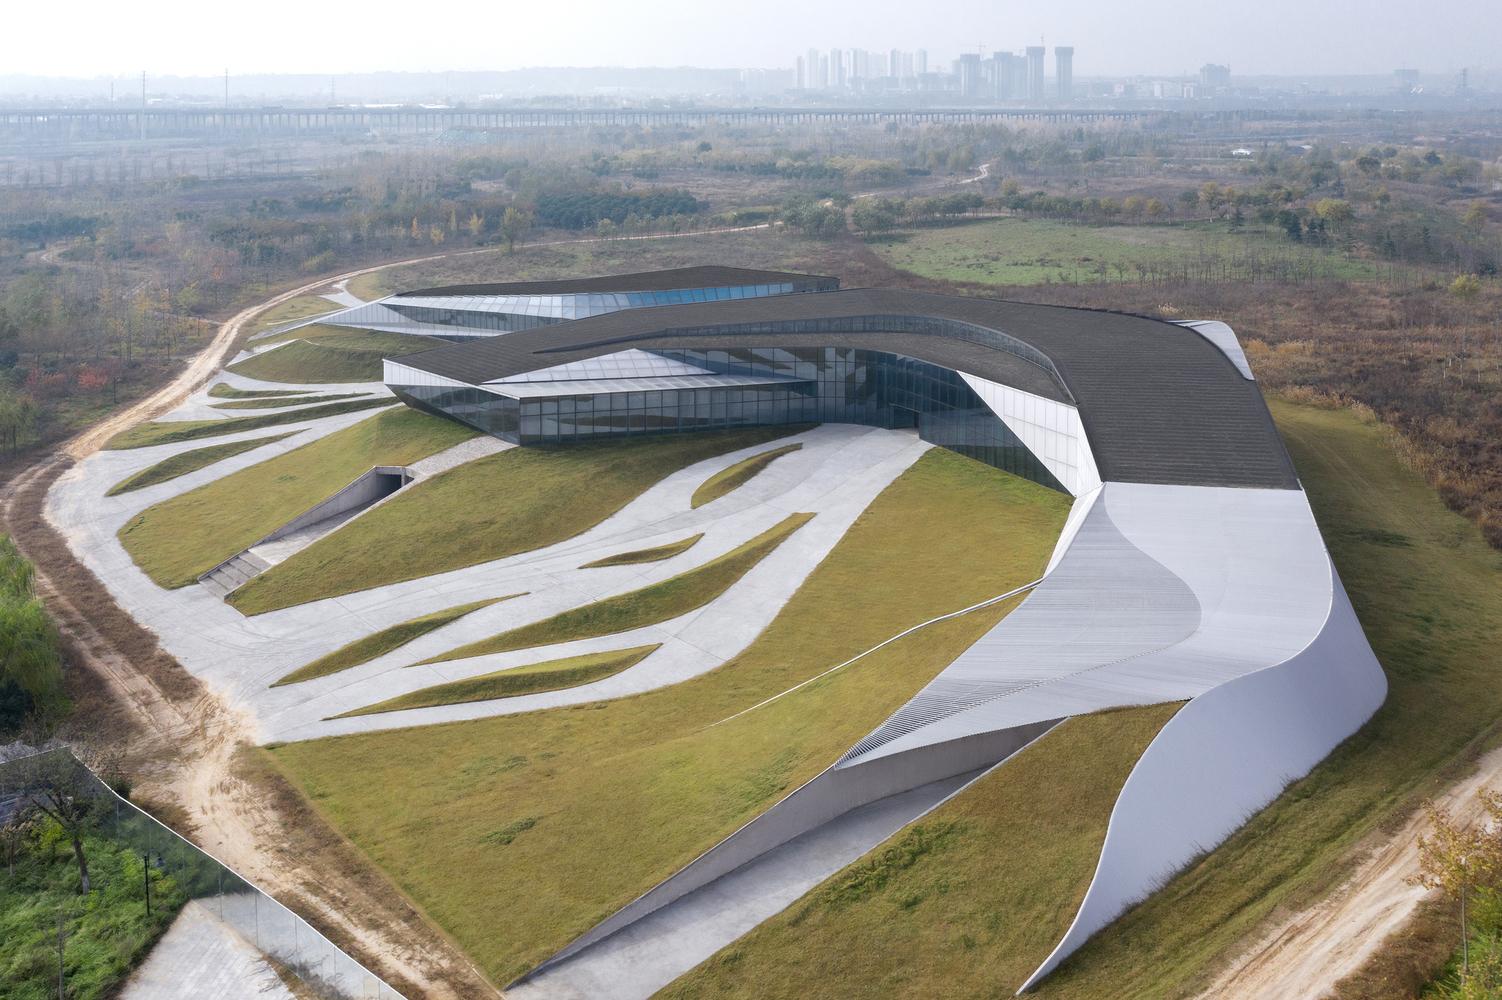 XiXian New Area Chongwen Jing River Eco-Restaurant and Hotel / Plasma Studio + PMA